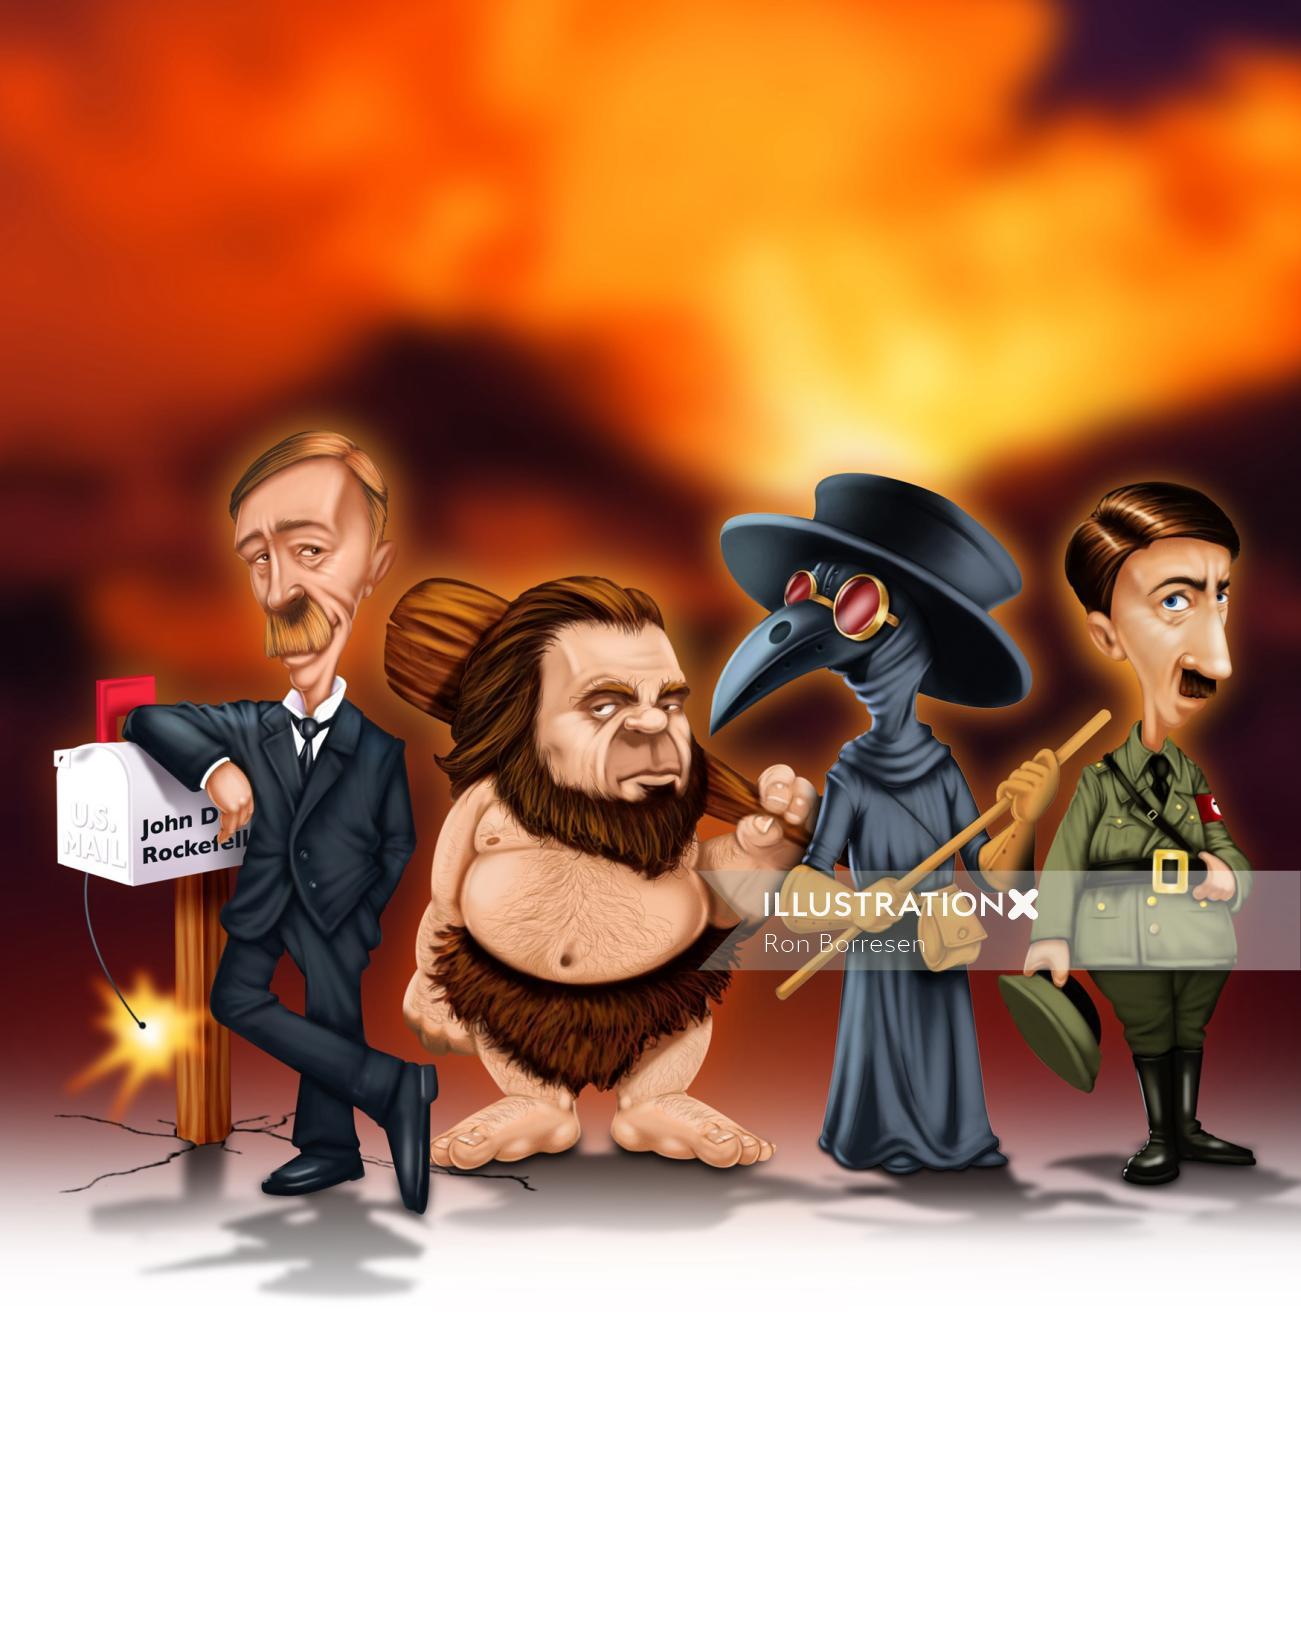 Digital illustration of cartoon people